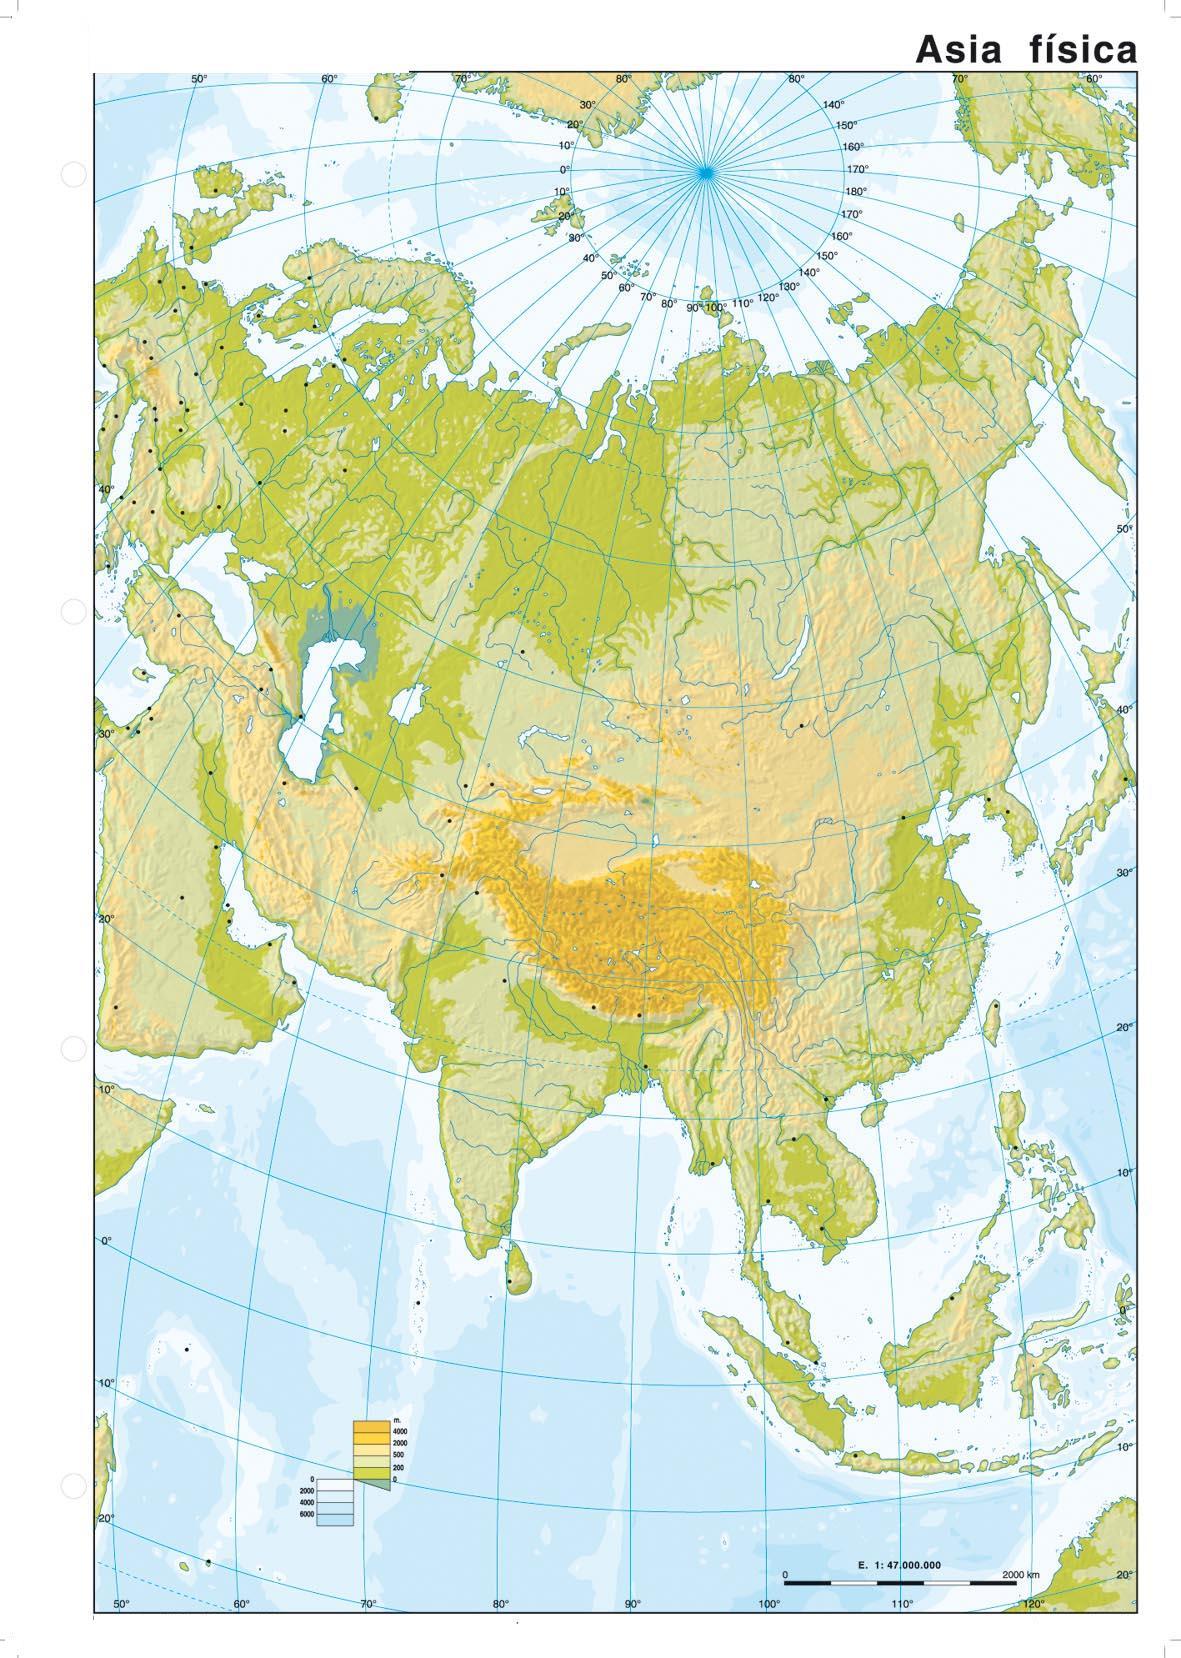 Rio Mekong Mapa Fisico.Montes Urales Meseta De Iran Montes Altai Montes Kuen